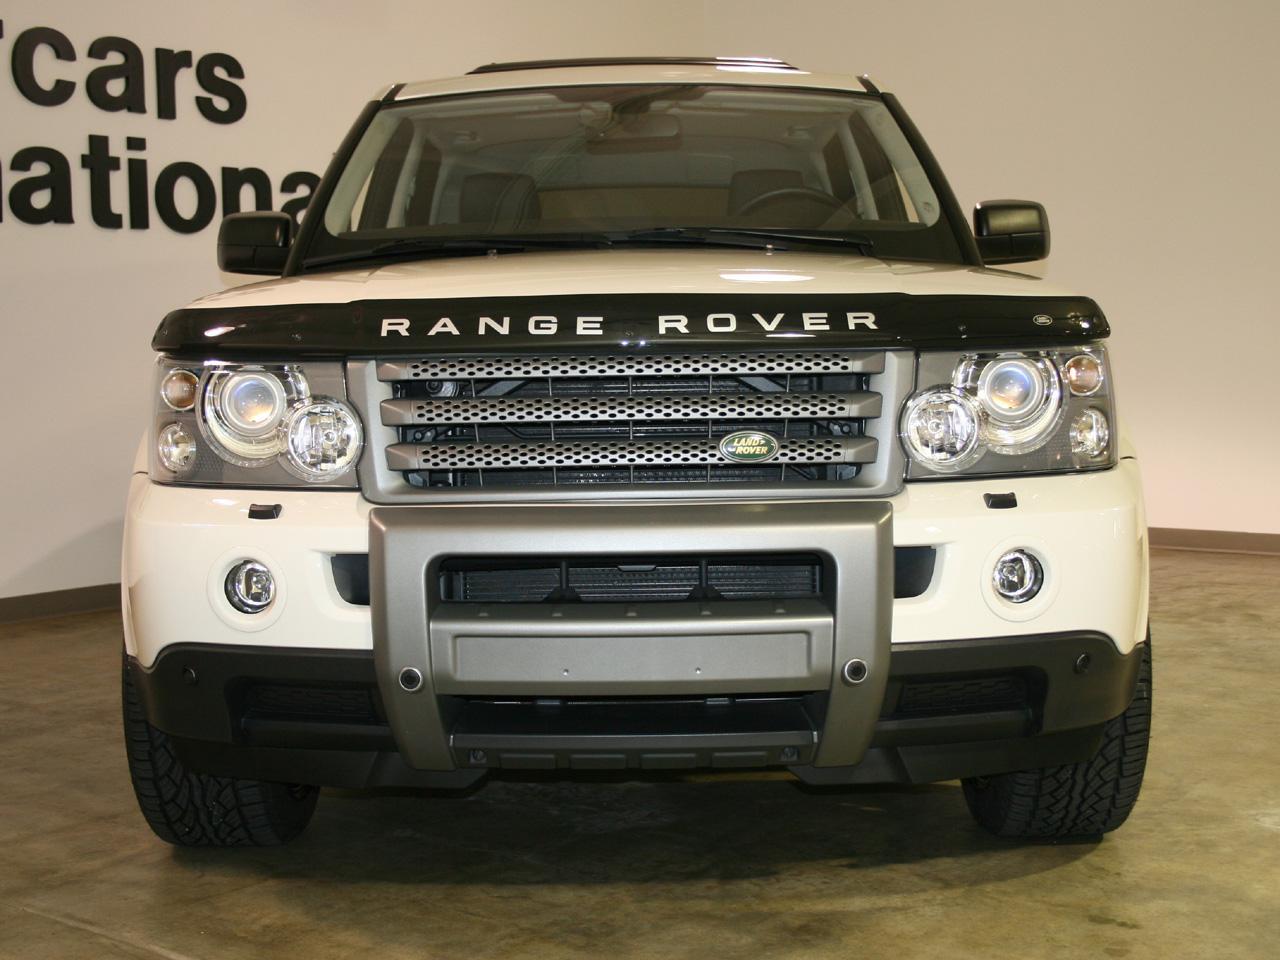 2009 land rover range rover sport hse. Black Bedroom Furniture Sets. Home Design Ideas